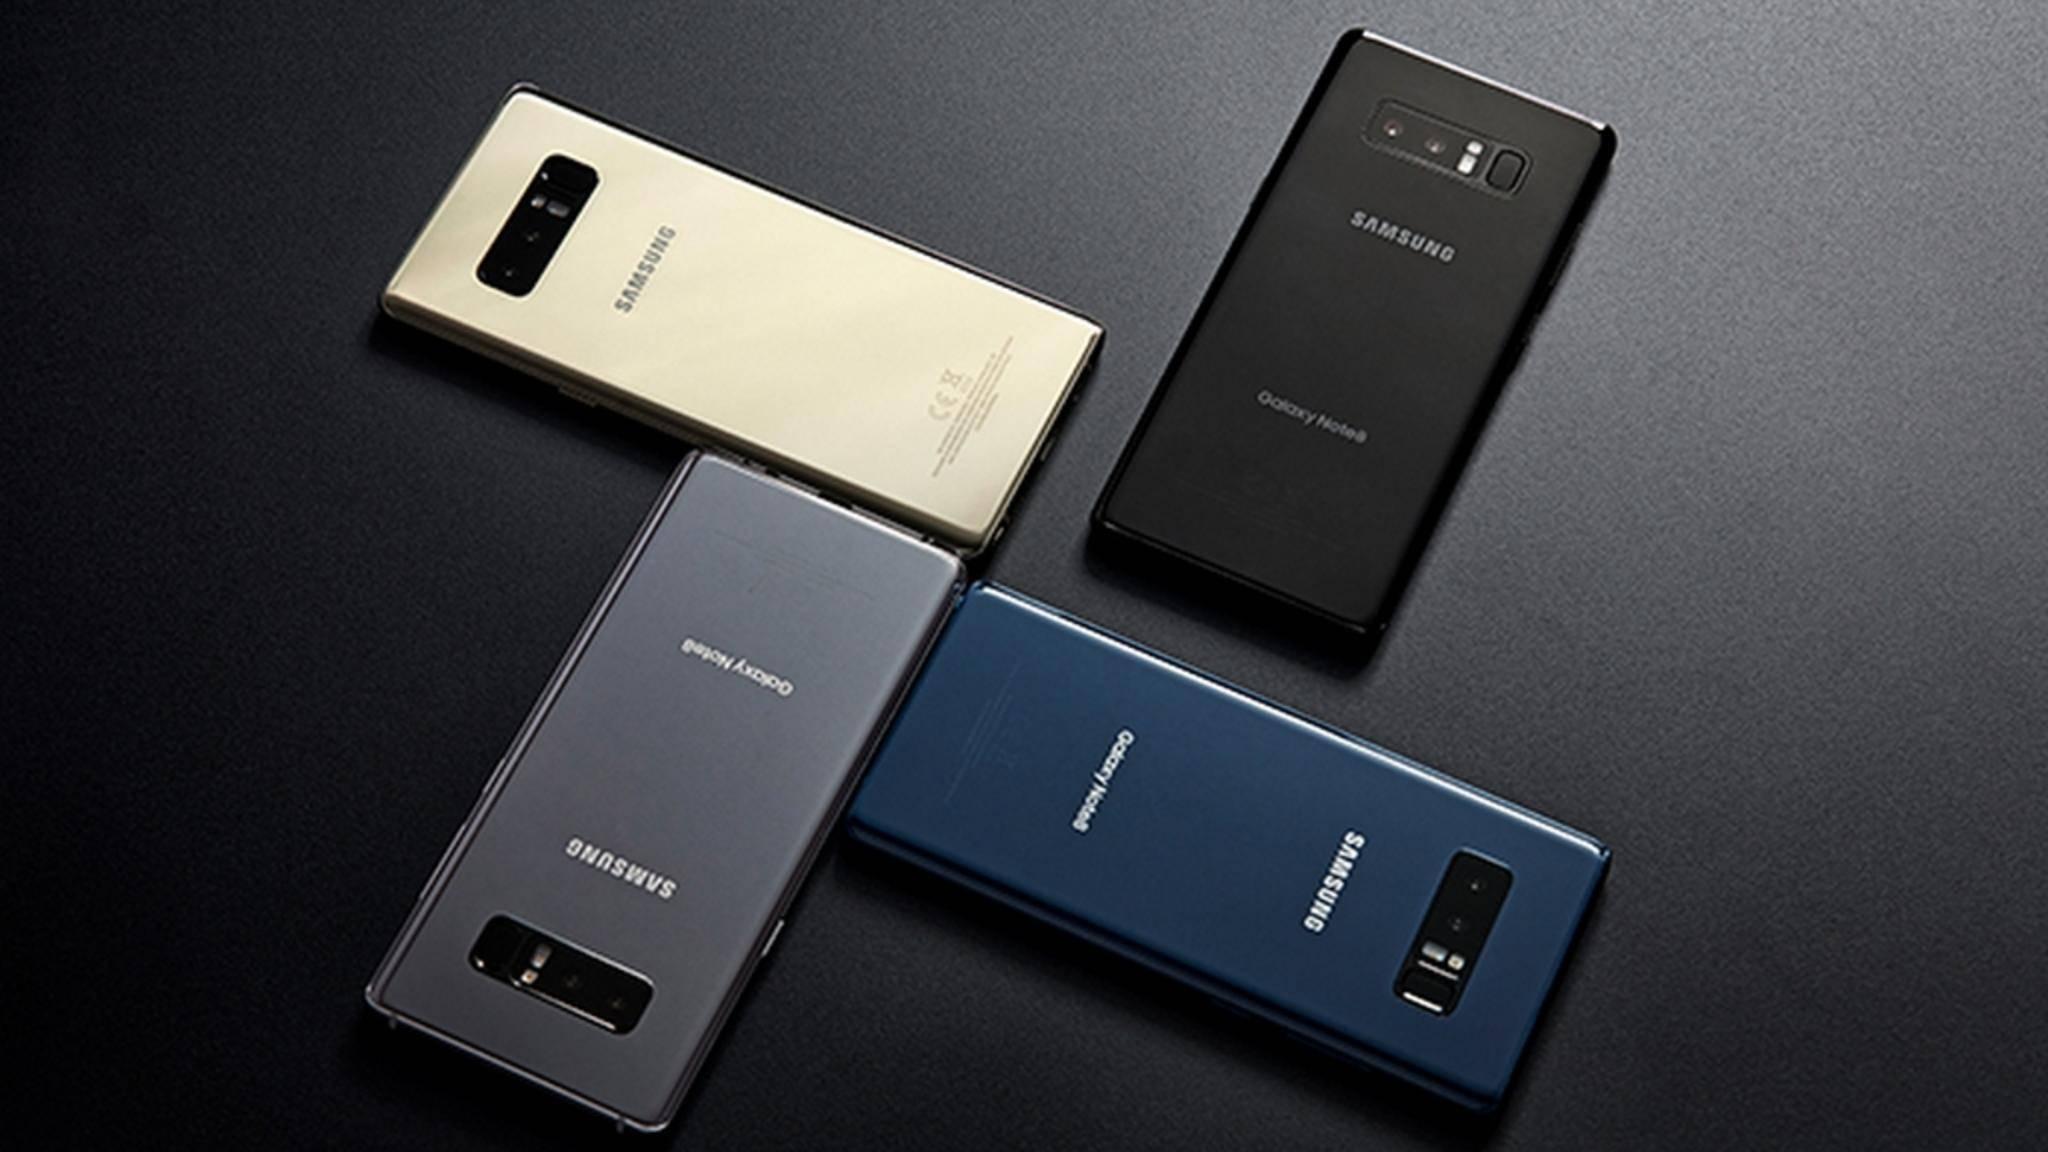 Das Galaxy Note 8 ist da: Preis und Release-Datum stehen fest!